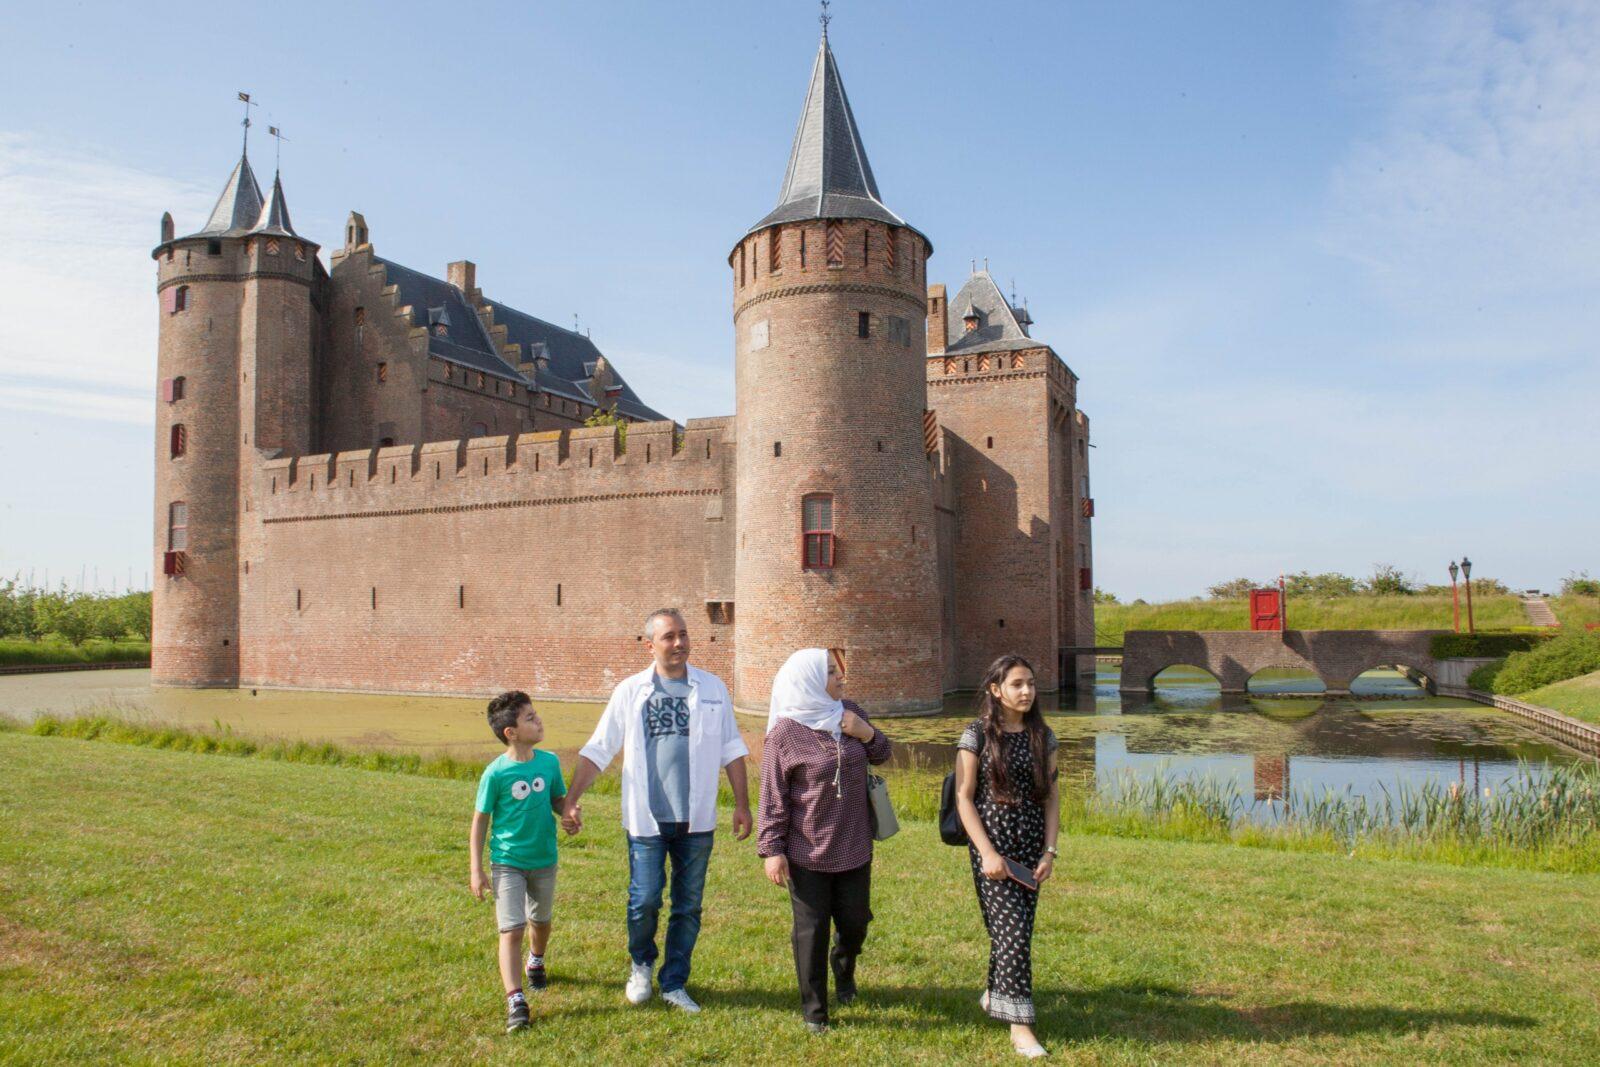 A visite to Muiderslot